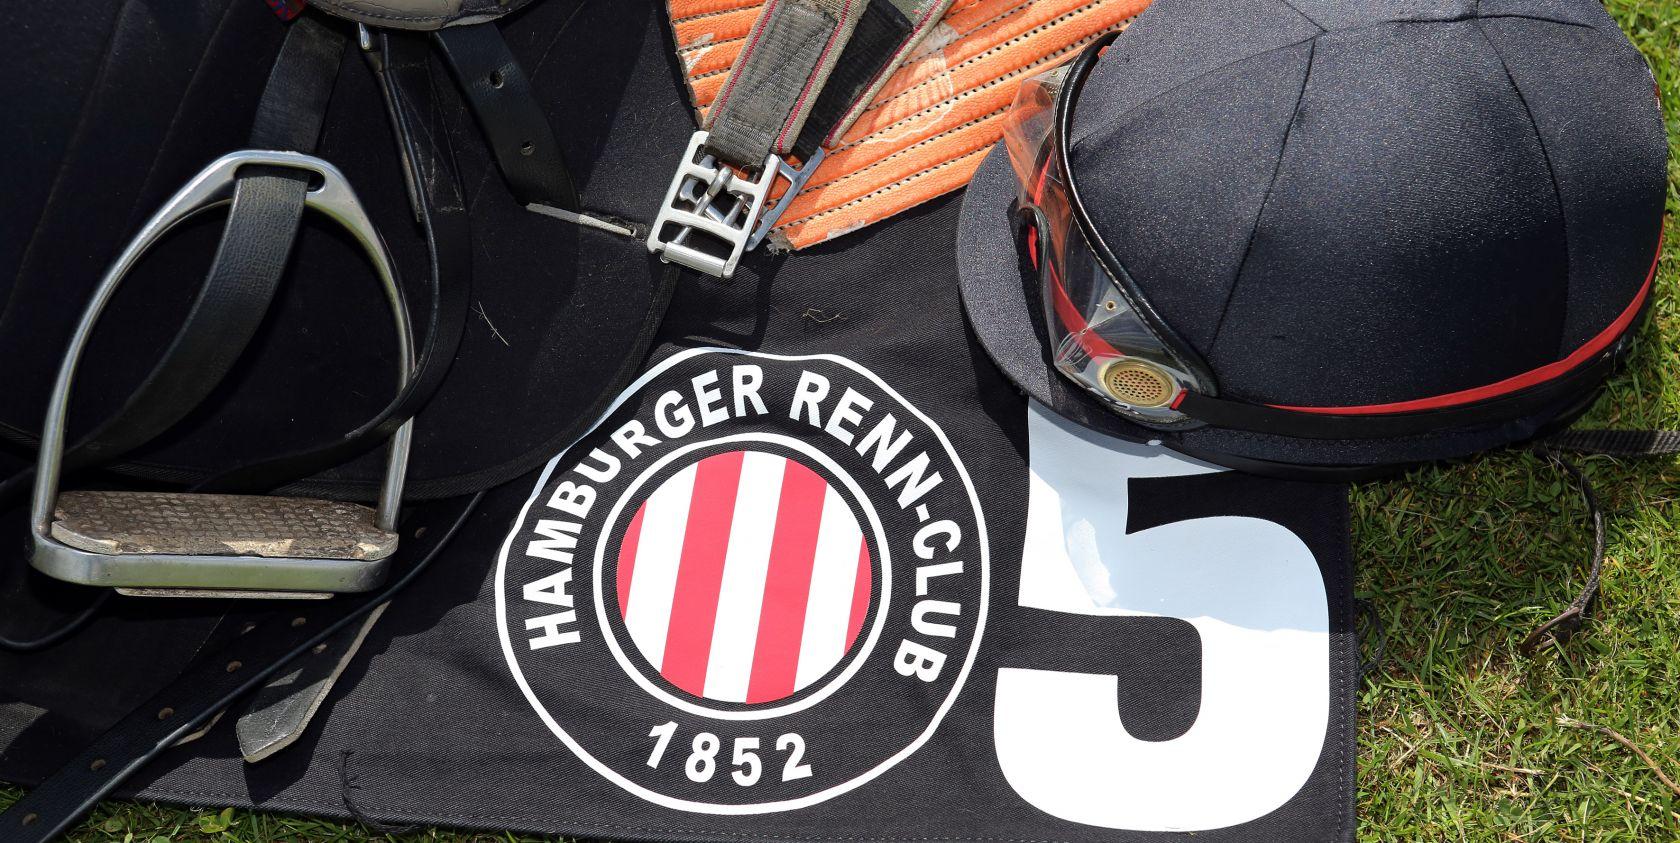 Das Derby - eine Herzensangelegenheit für Rainer Perleberg